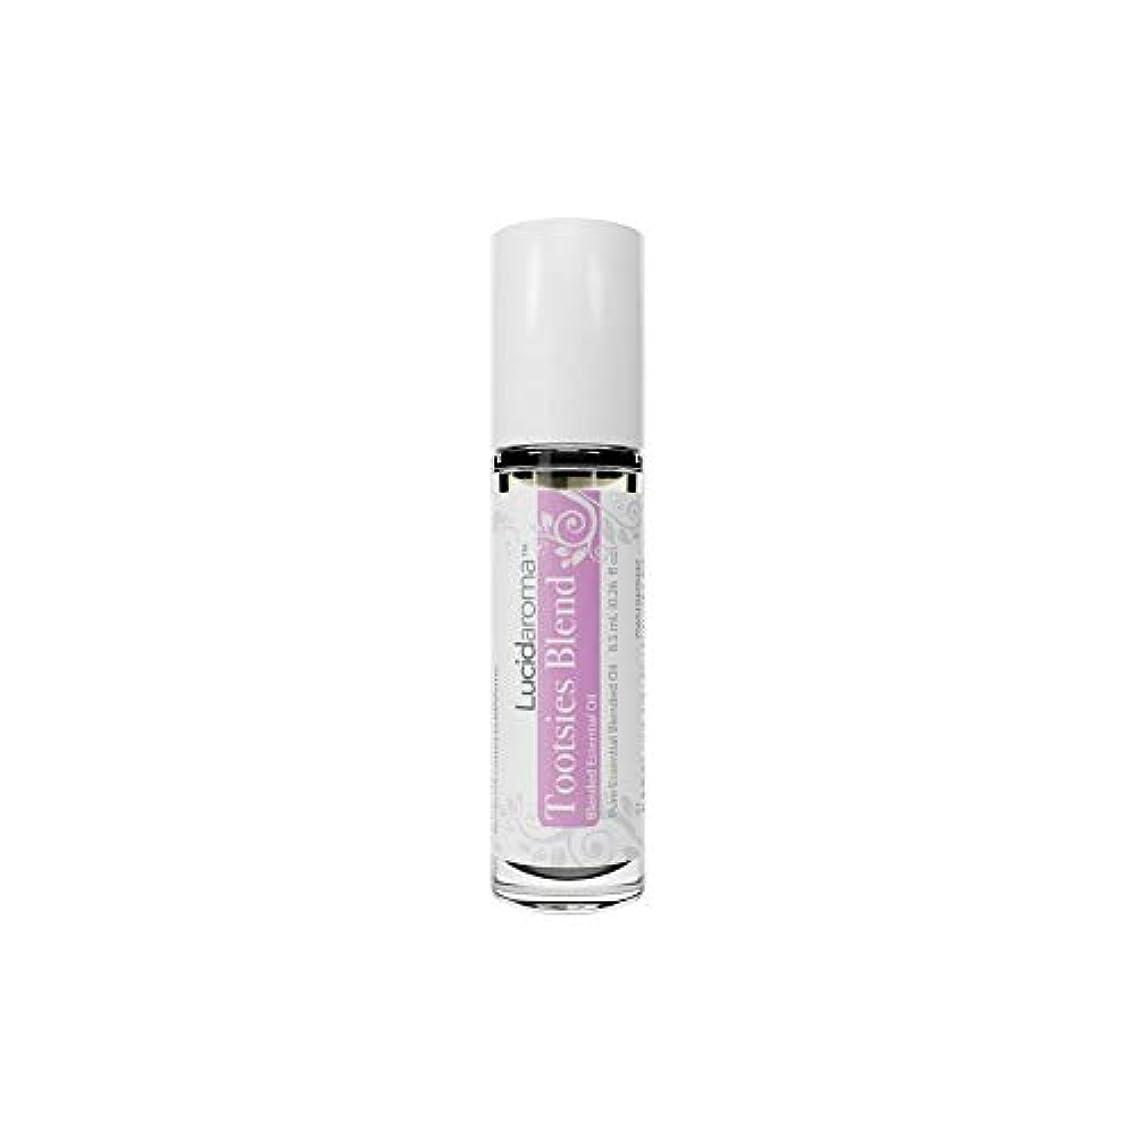 うまくやる()コール残るLucid Aroma Tootsies Blend トッツィーブレンド ロールオン アロマオイル 8.5mL (塗るアロマ) 100%天然 携帯便利 ピュア エッセンシャル アメリカ製